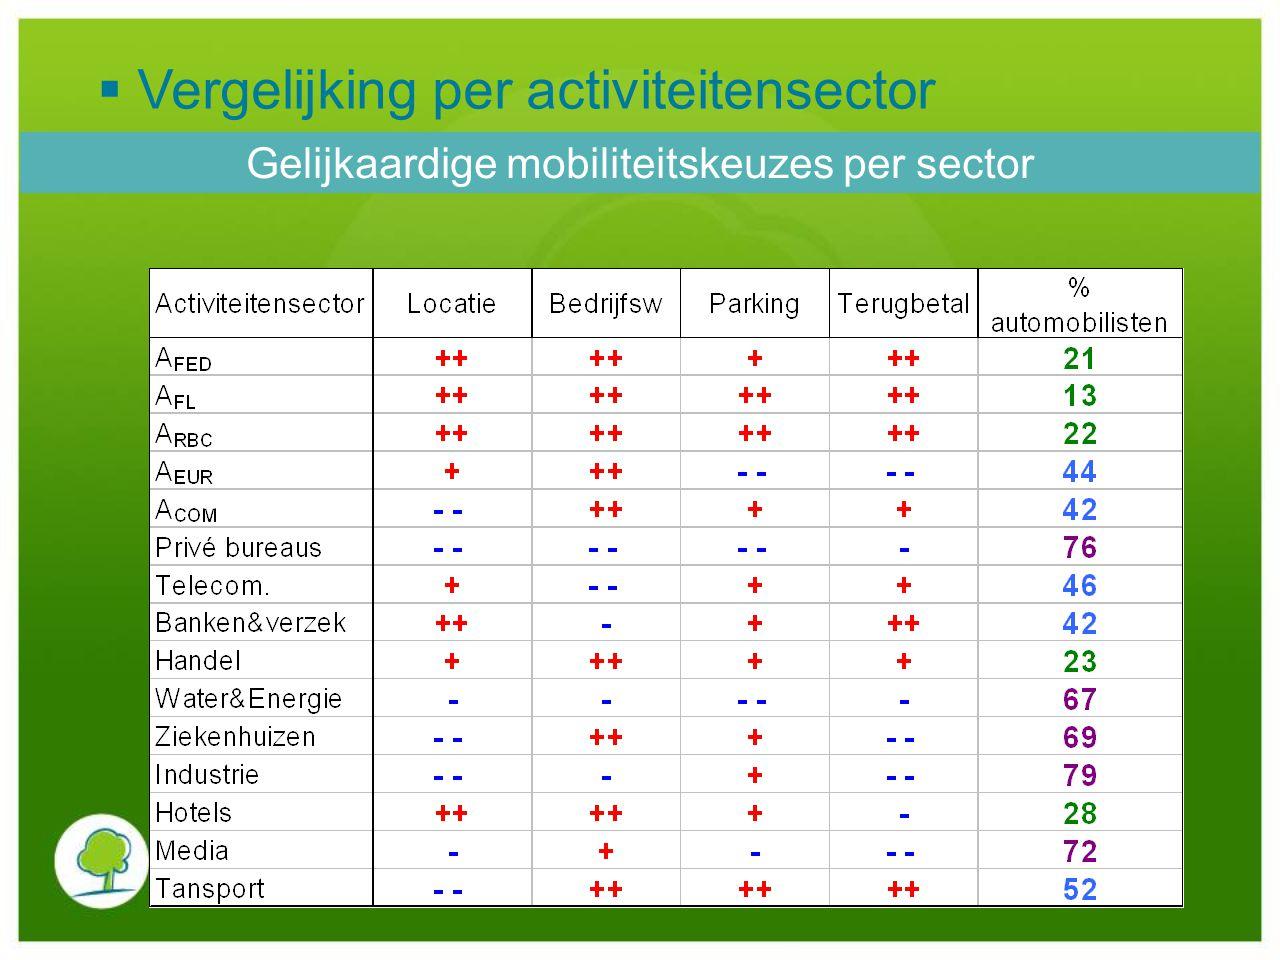 Gelijkaardige mobiliteitskeuzes per sector  Vergelijking per activiteitensector